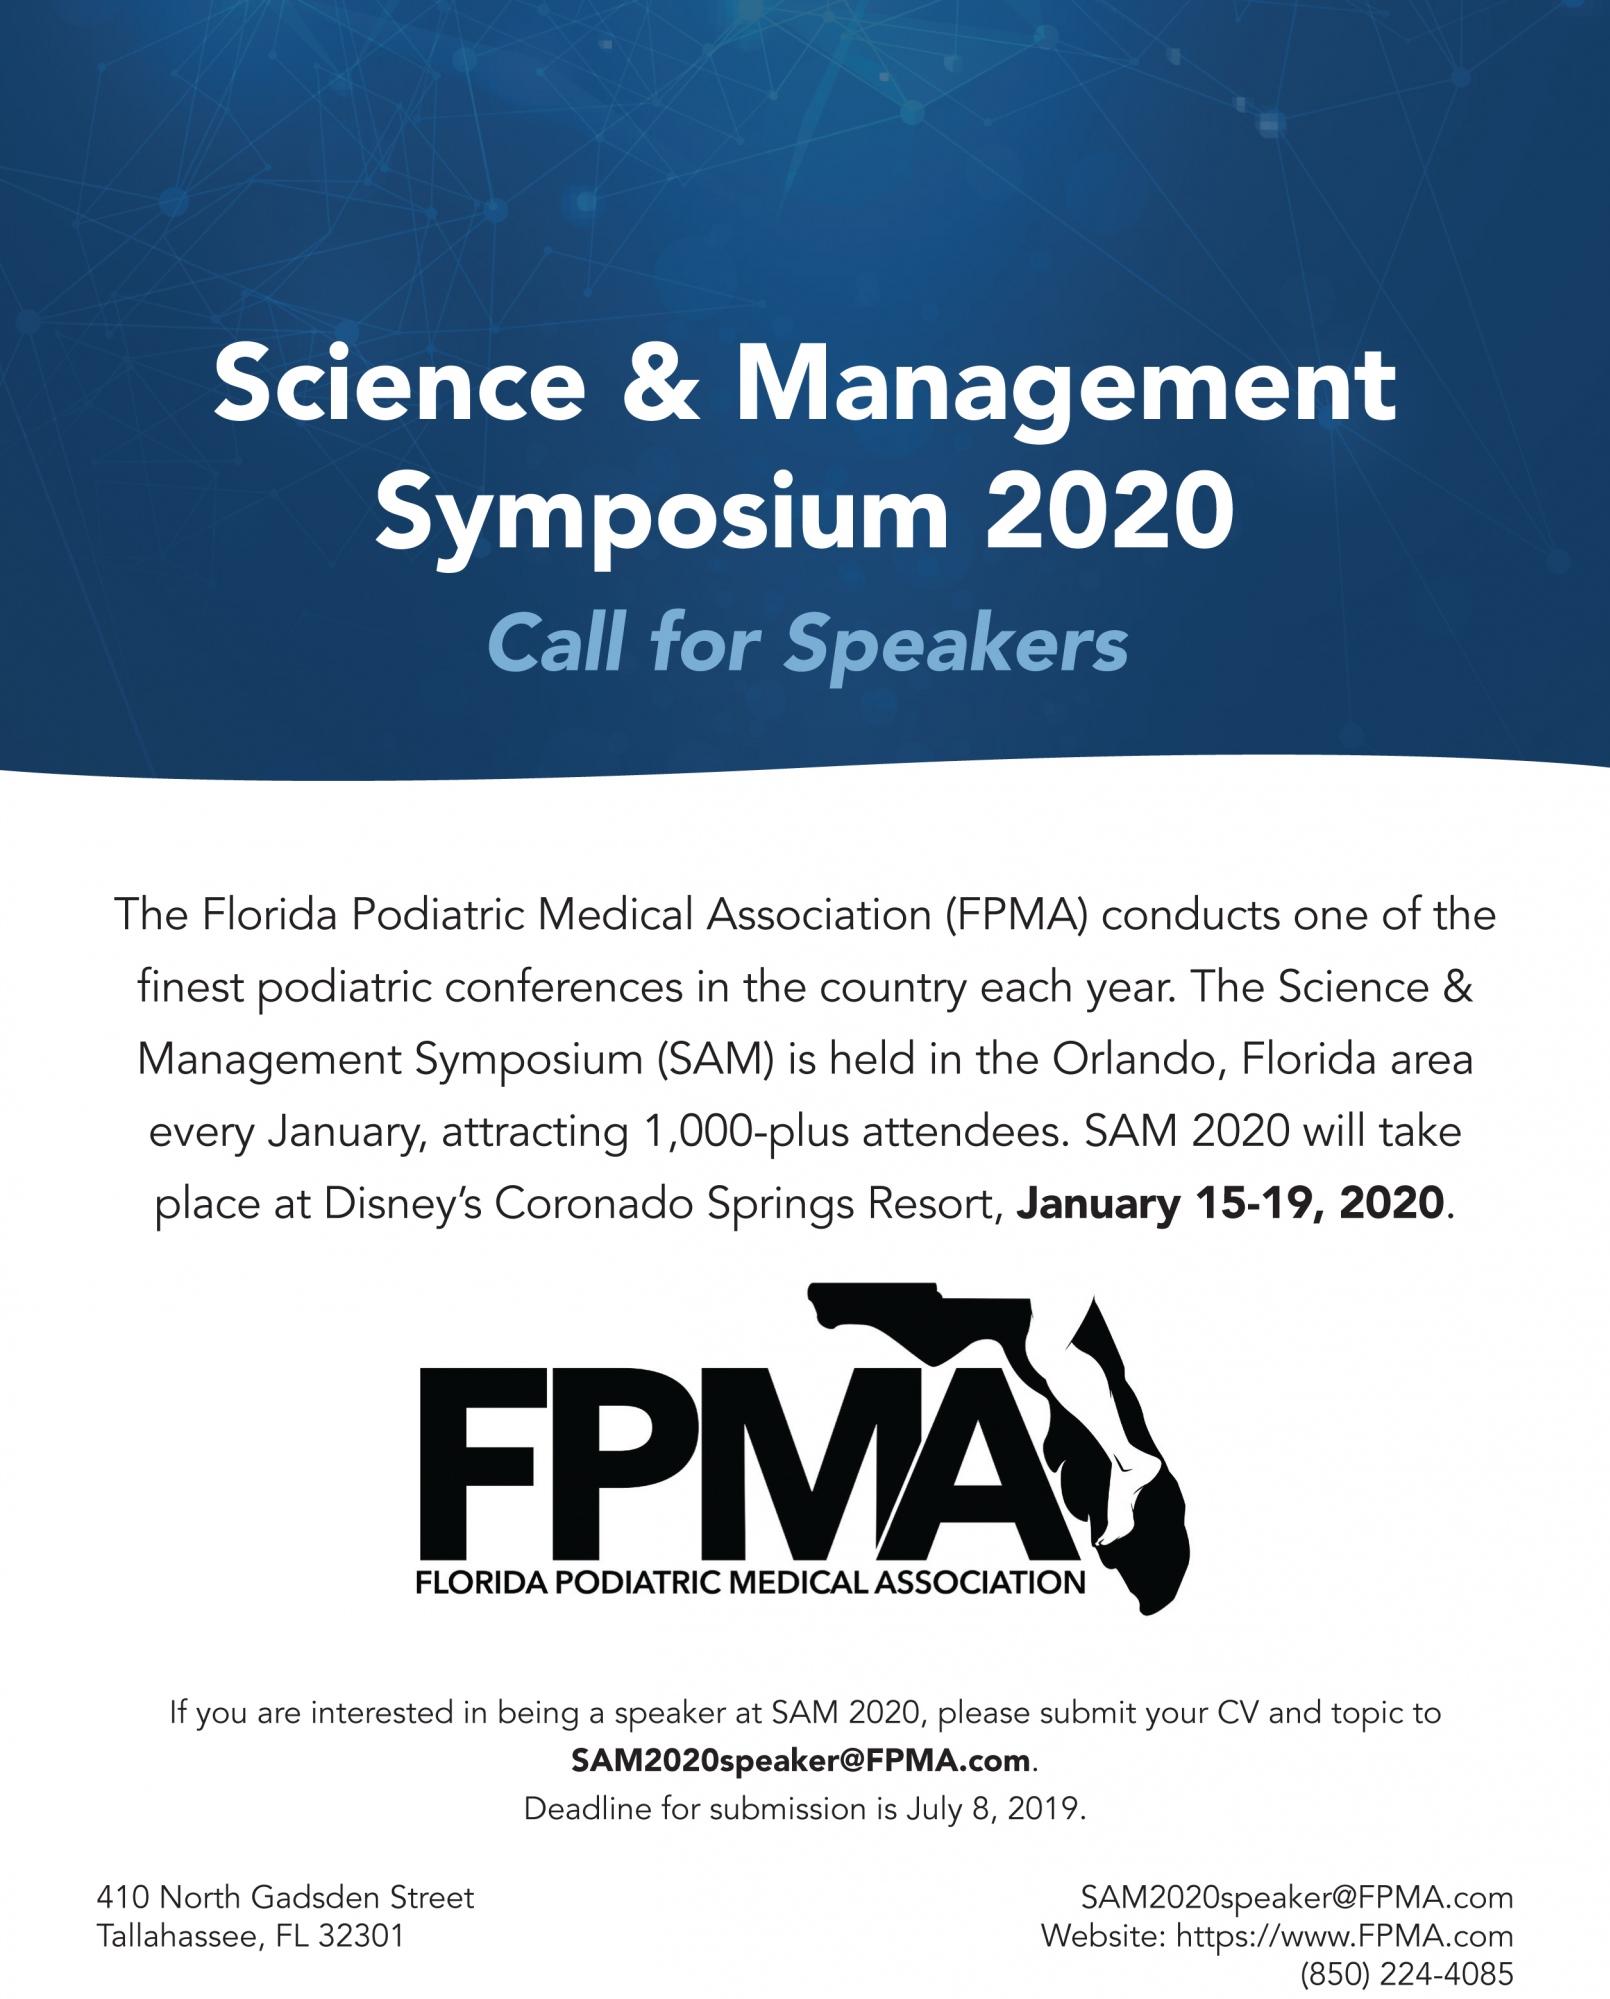 SAM 2020 Call for Speakers Info